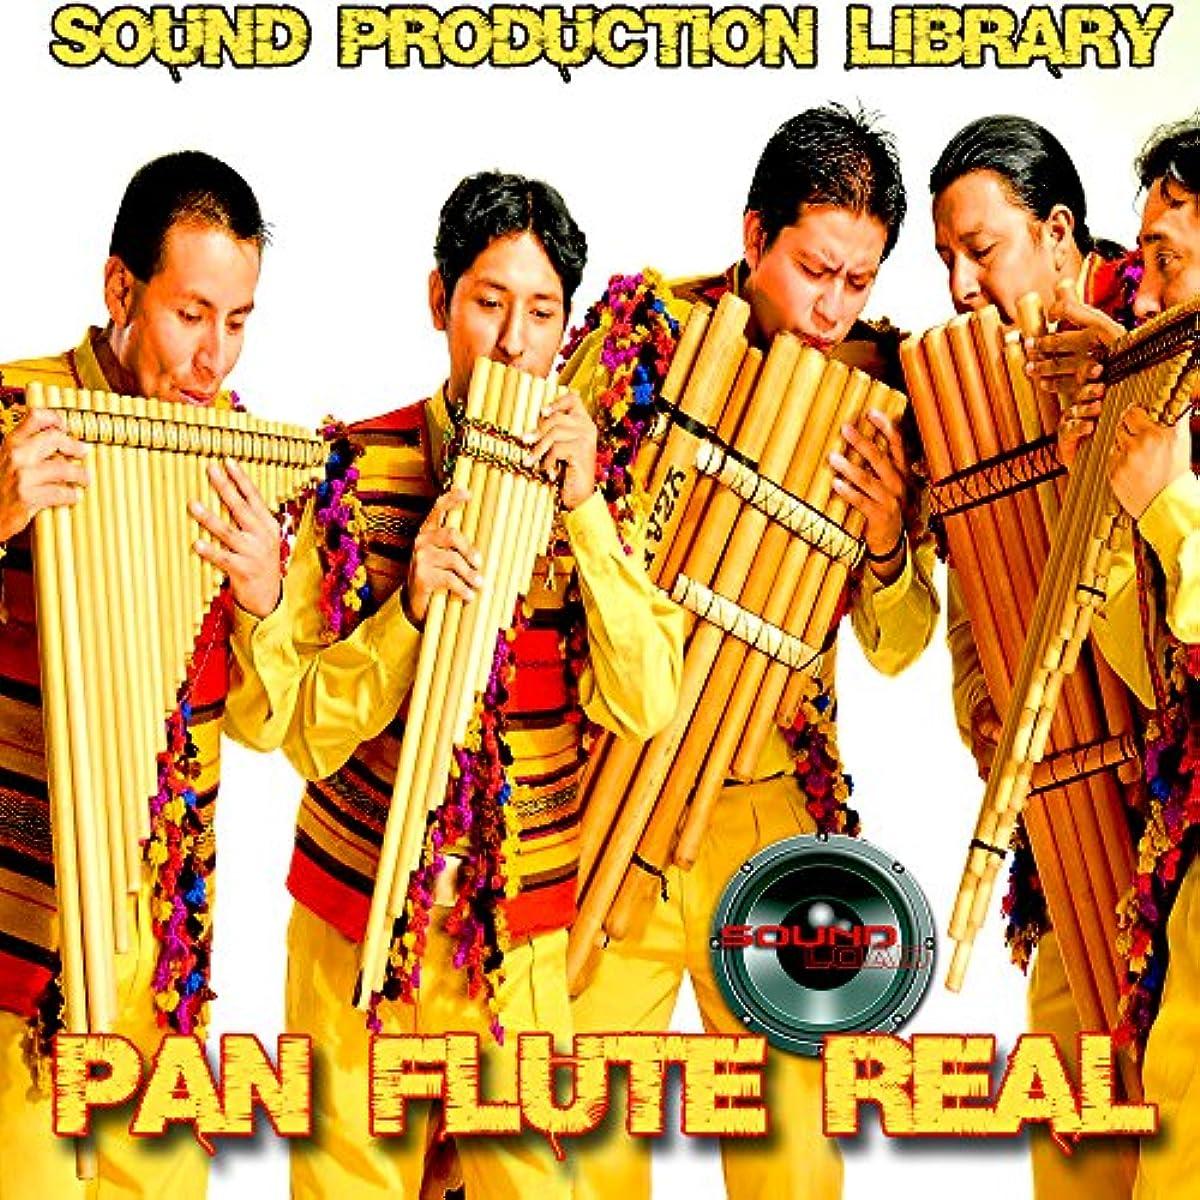 [해외] PAN FLUTE REAL - HUGE UNIQUE ORIGINAL 24BIT MULTI-LAYER SAMPLES LIBRARY ON 2 DVD OR FOR DOWNLOAD